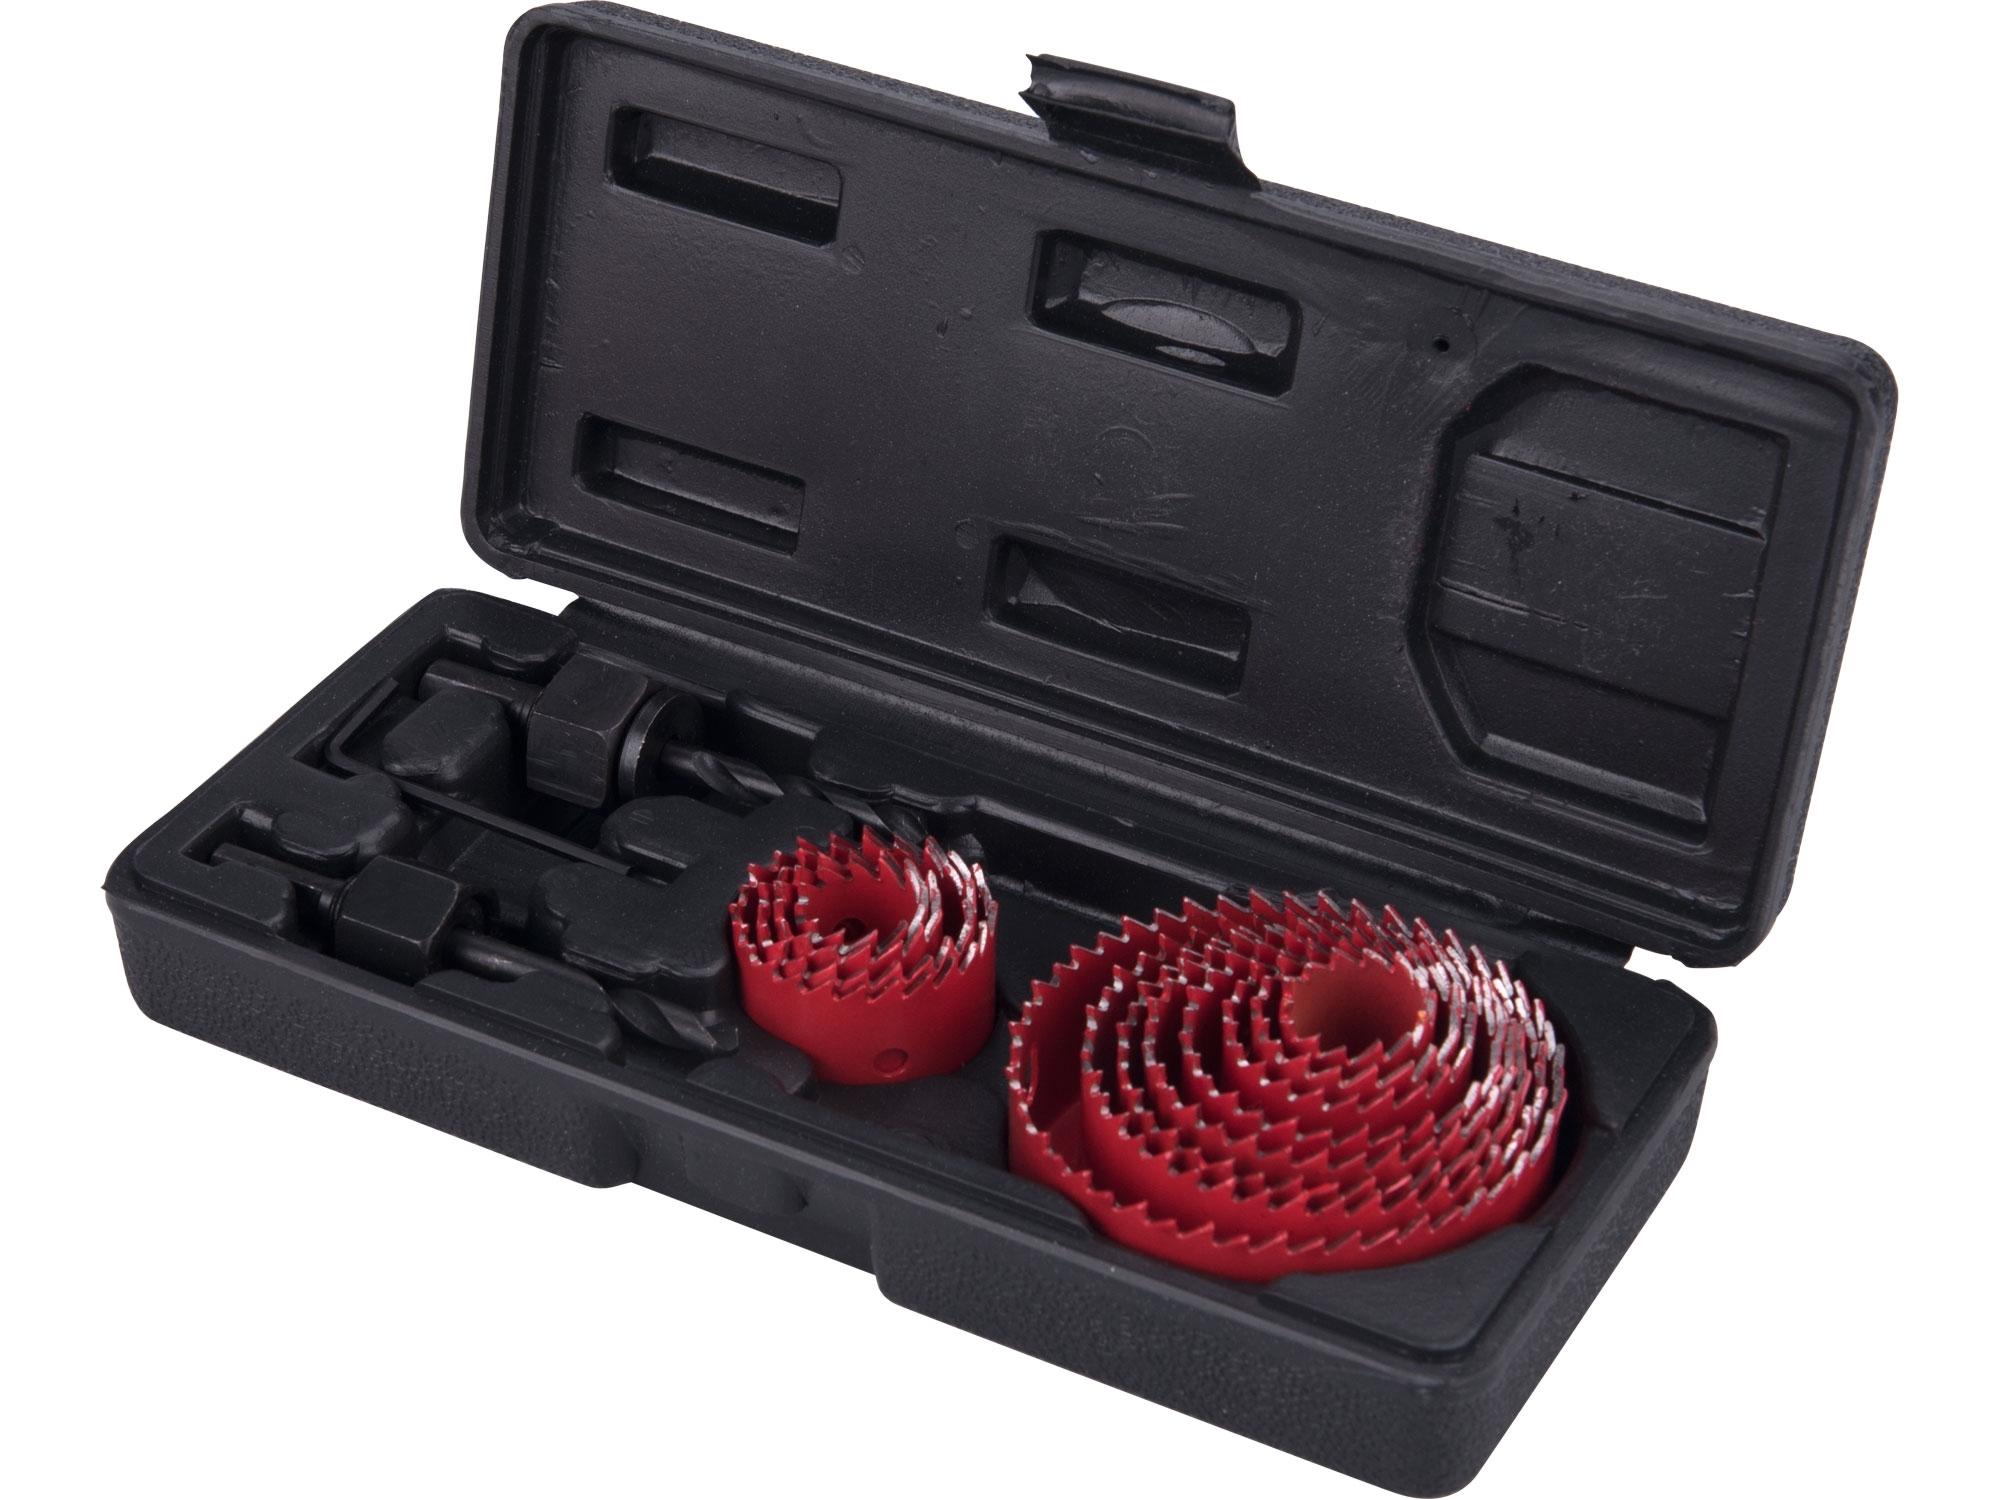 vrtáky vykružovací korunkové, 12průměrů ∅19-76mm, EXTOL PREMIUM 8801606